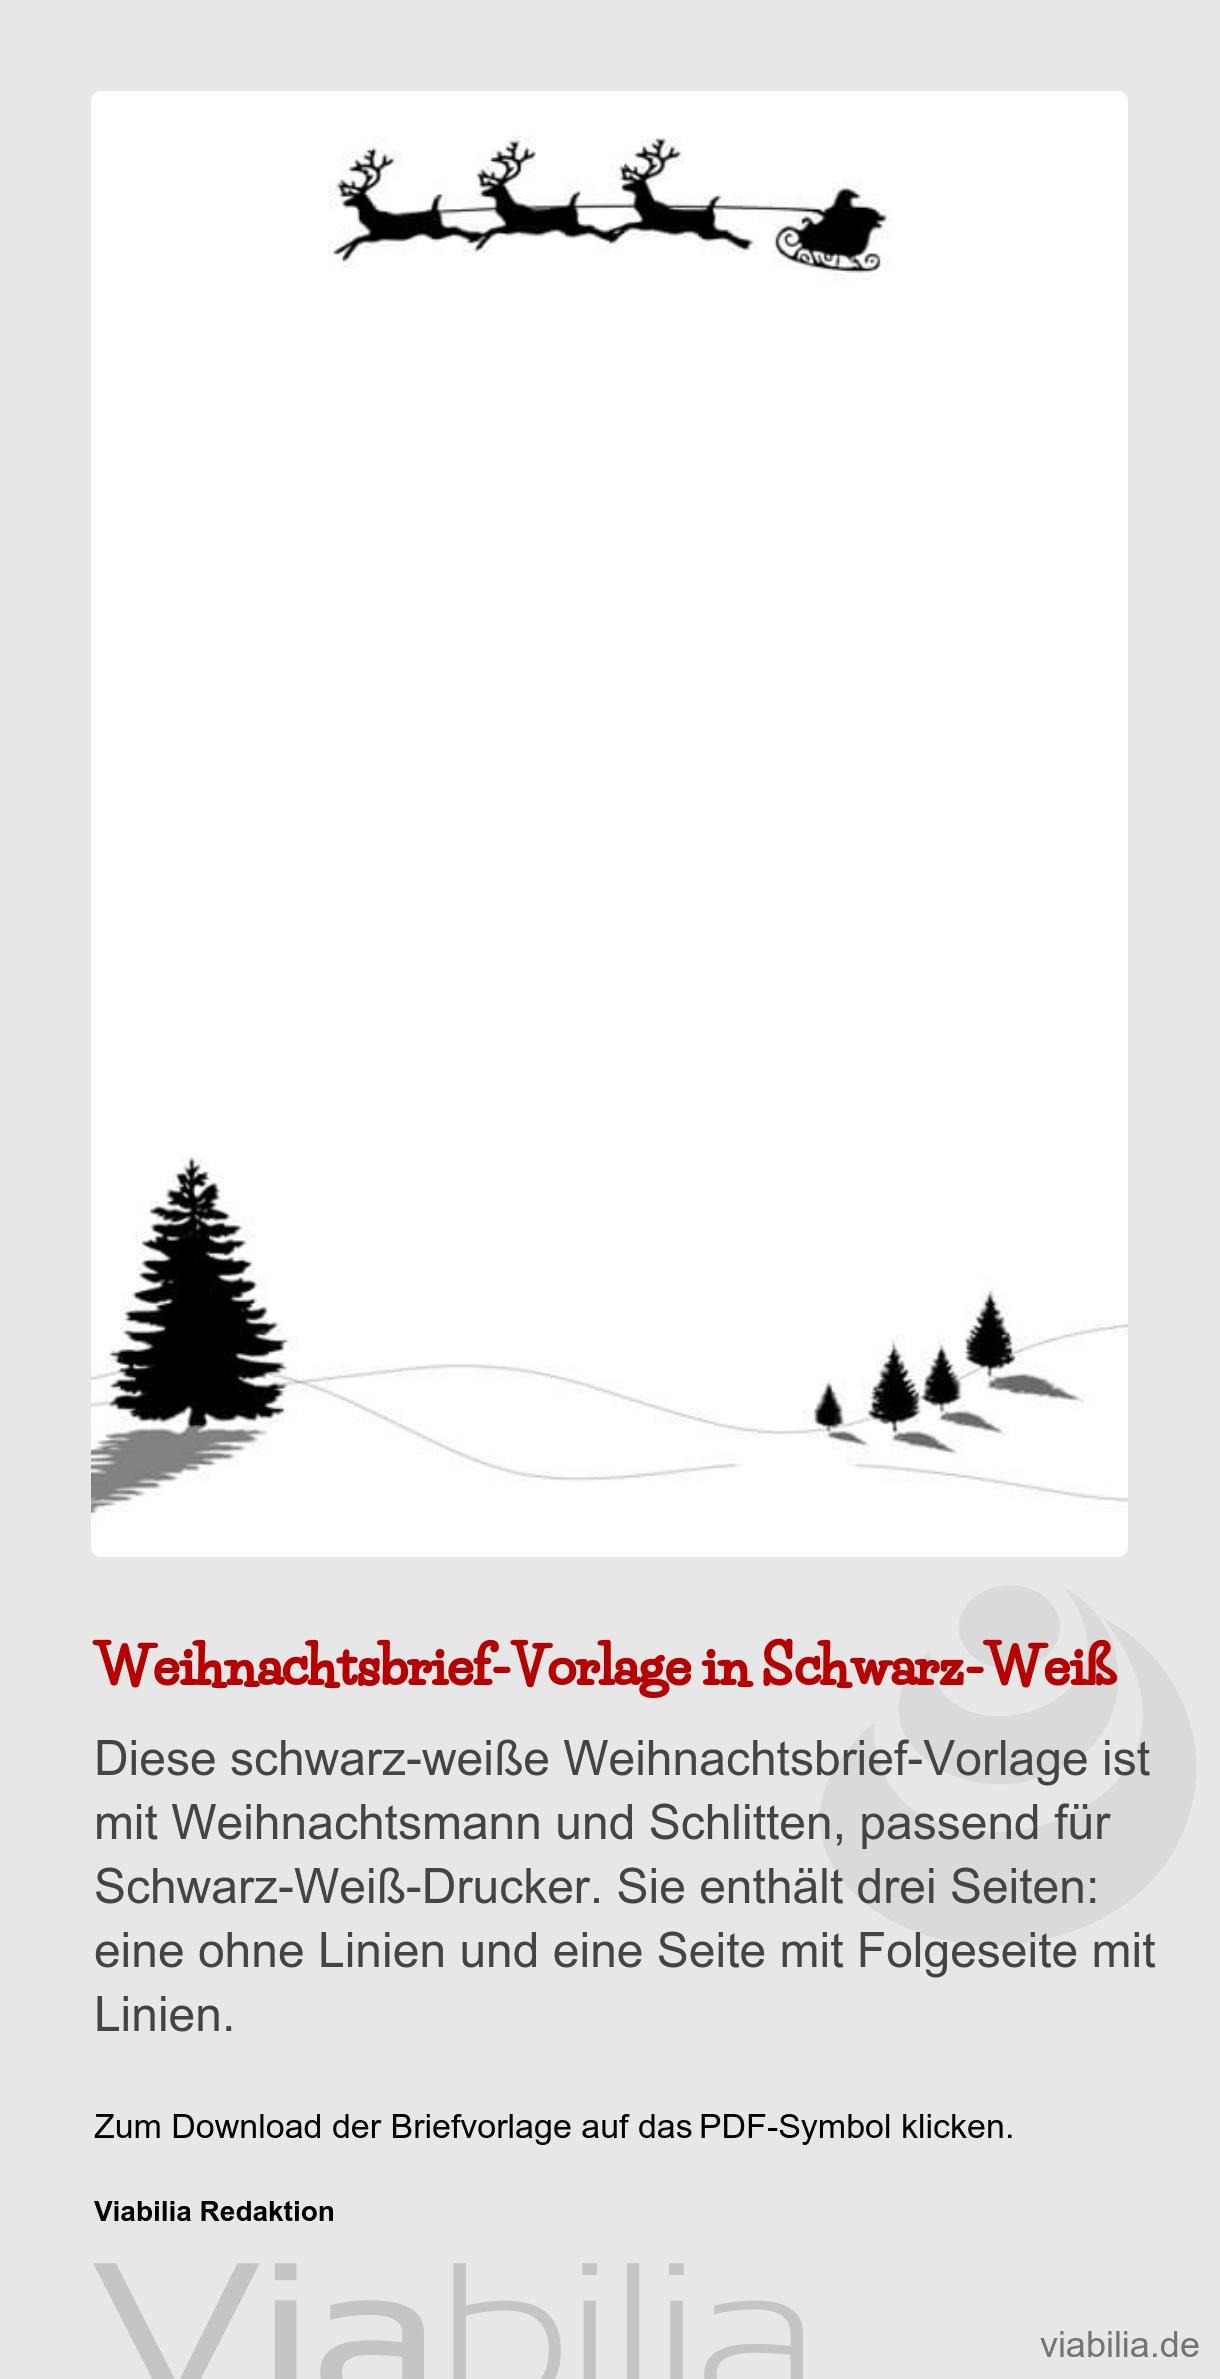 Schwarz-Weiß-Weihnachtsbrief - Weihnachtsgruß für Weihnachtsgrüße Zum Ausdrucken